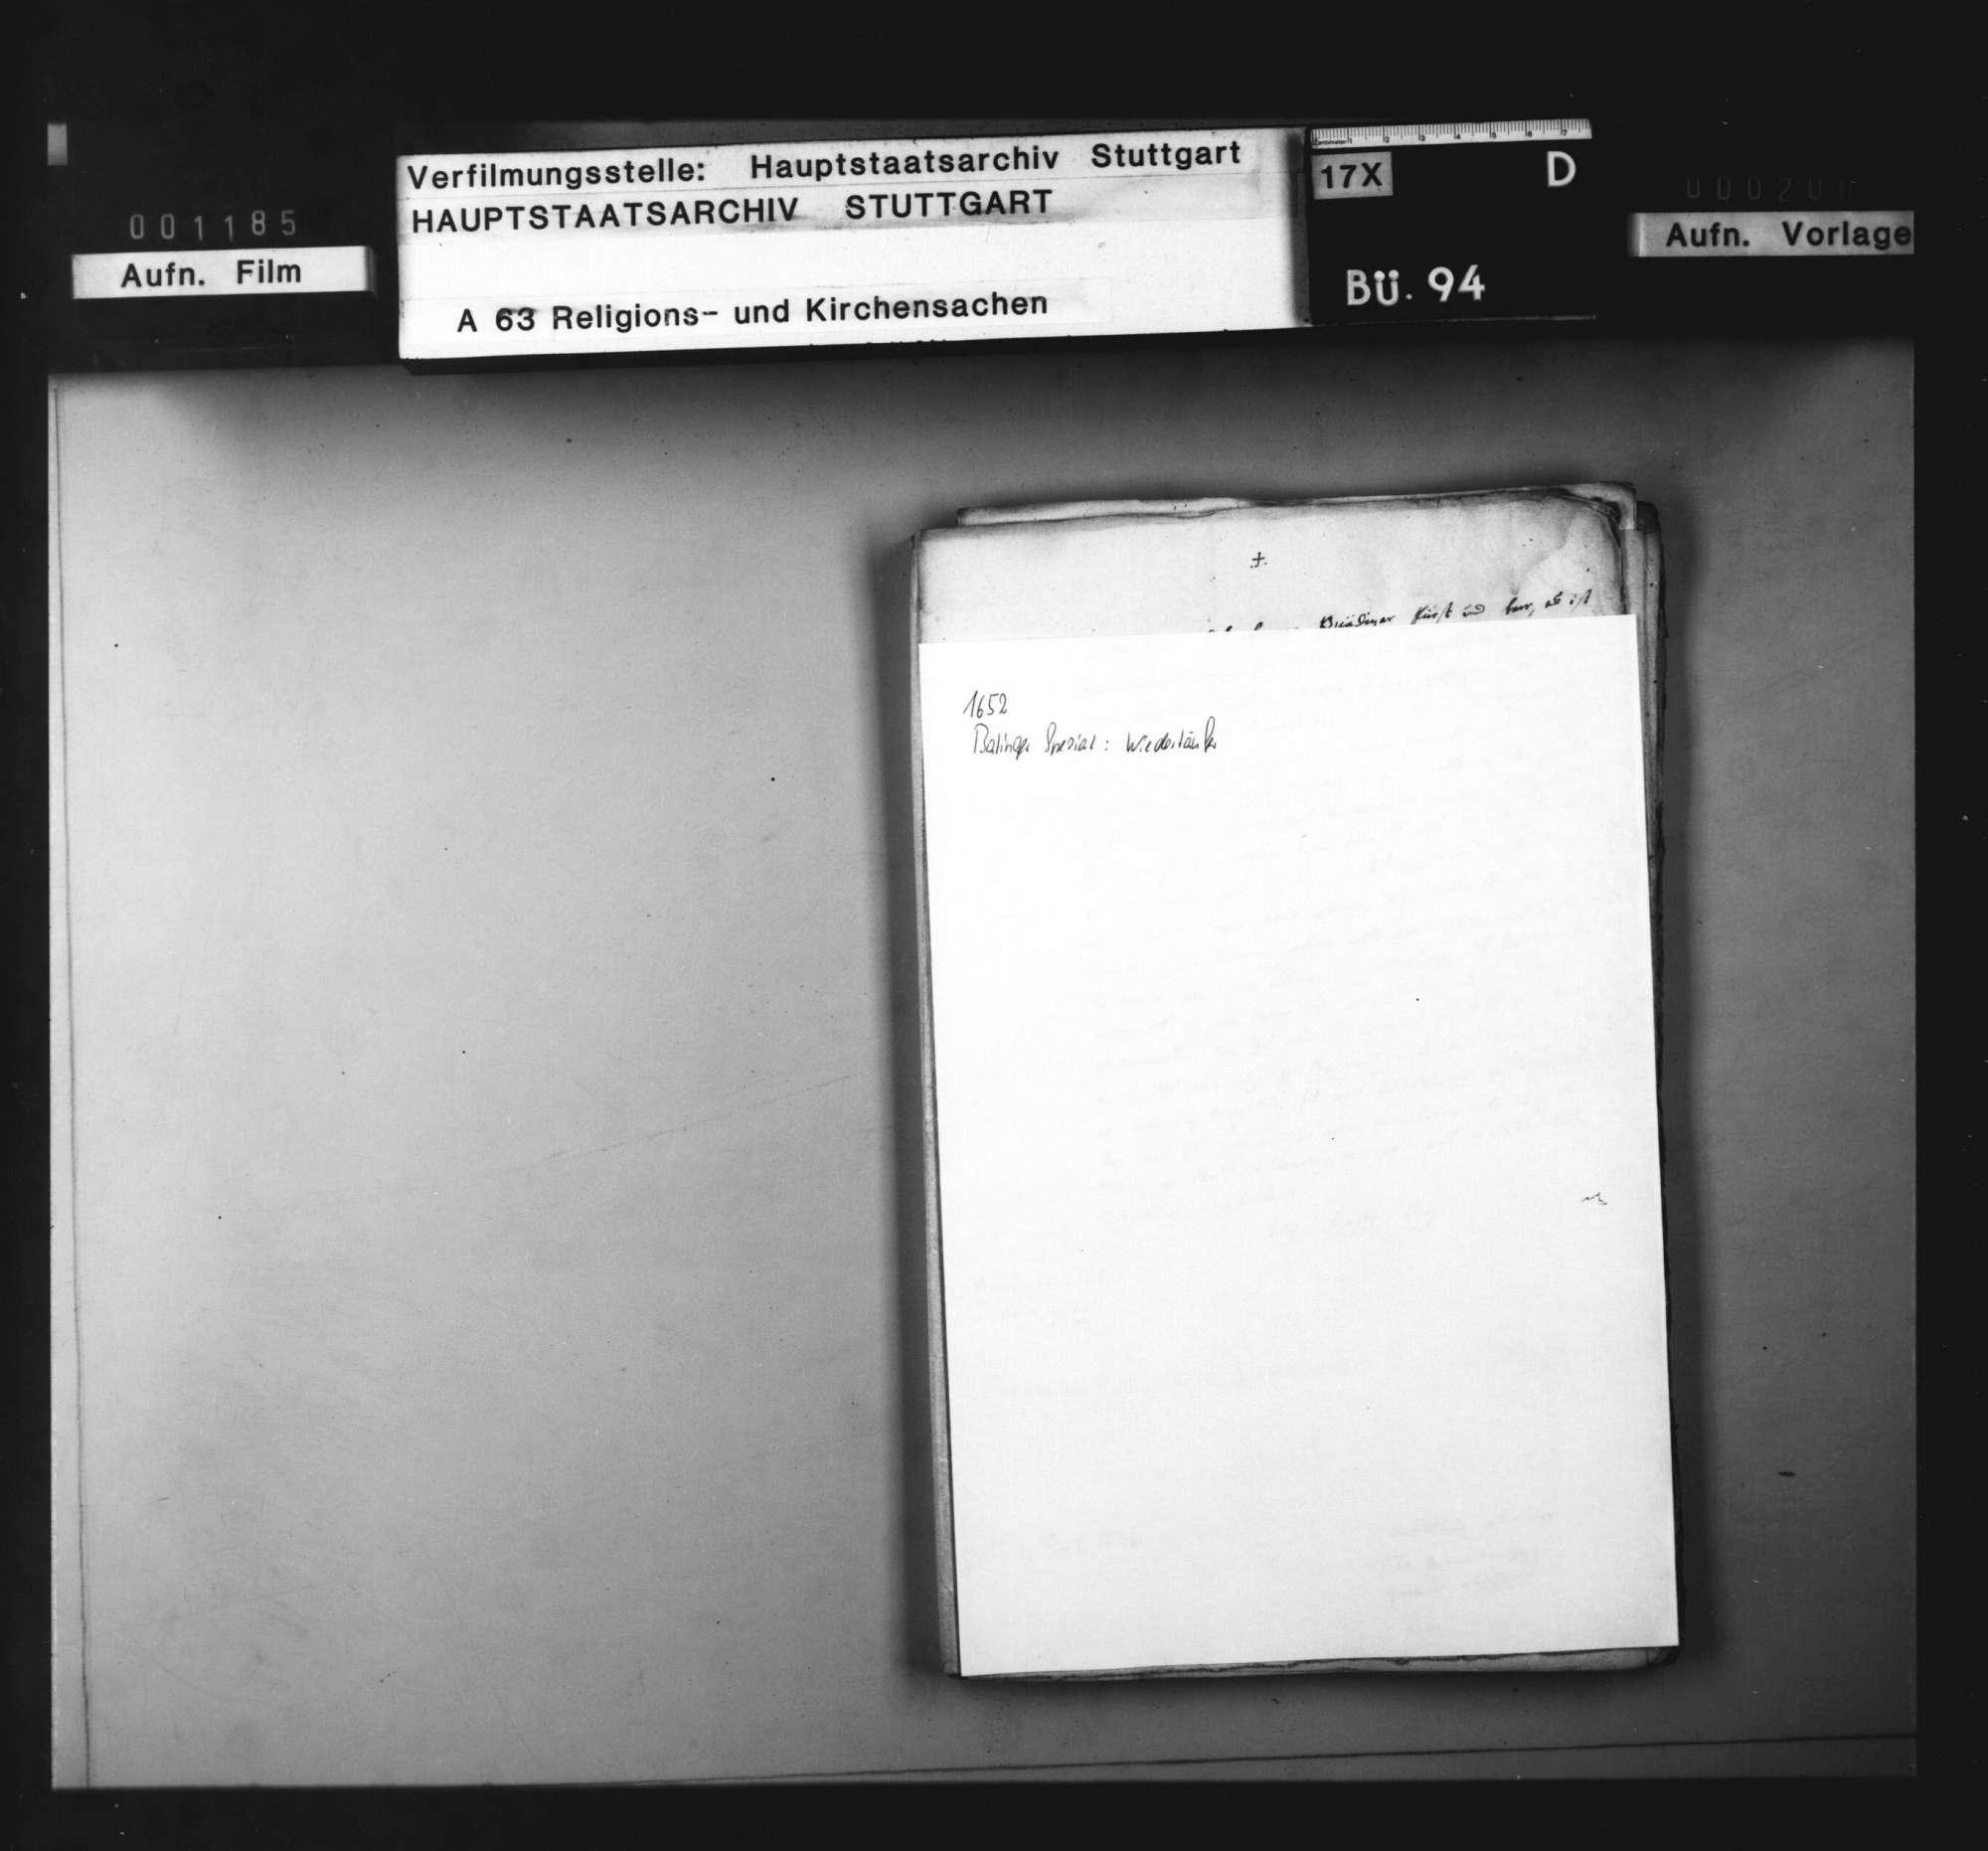 Bericht des Specialis zu Balingen einen Wiedertäufer betreffend., Bild 1